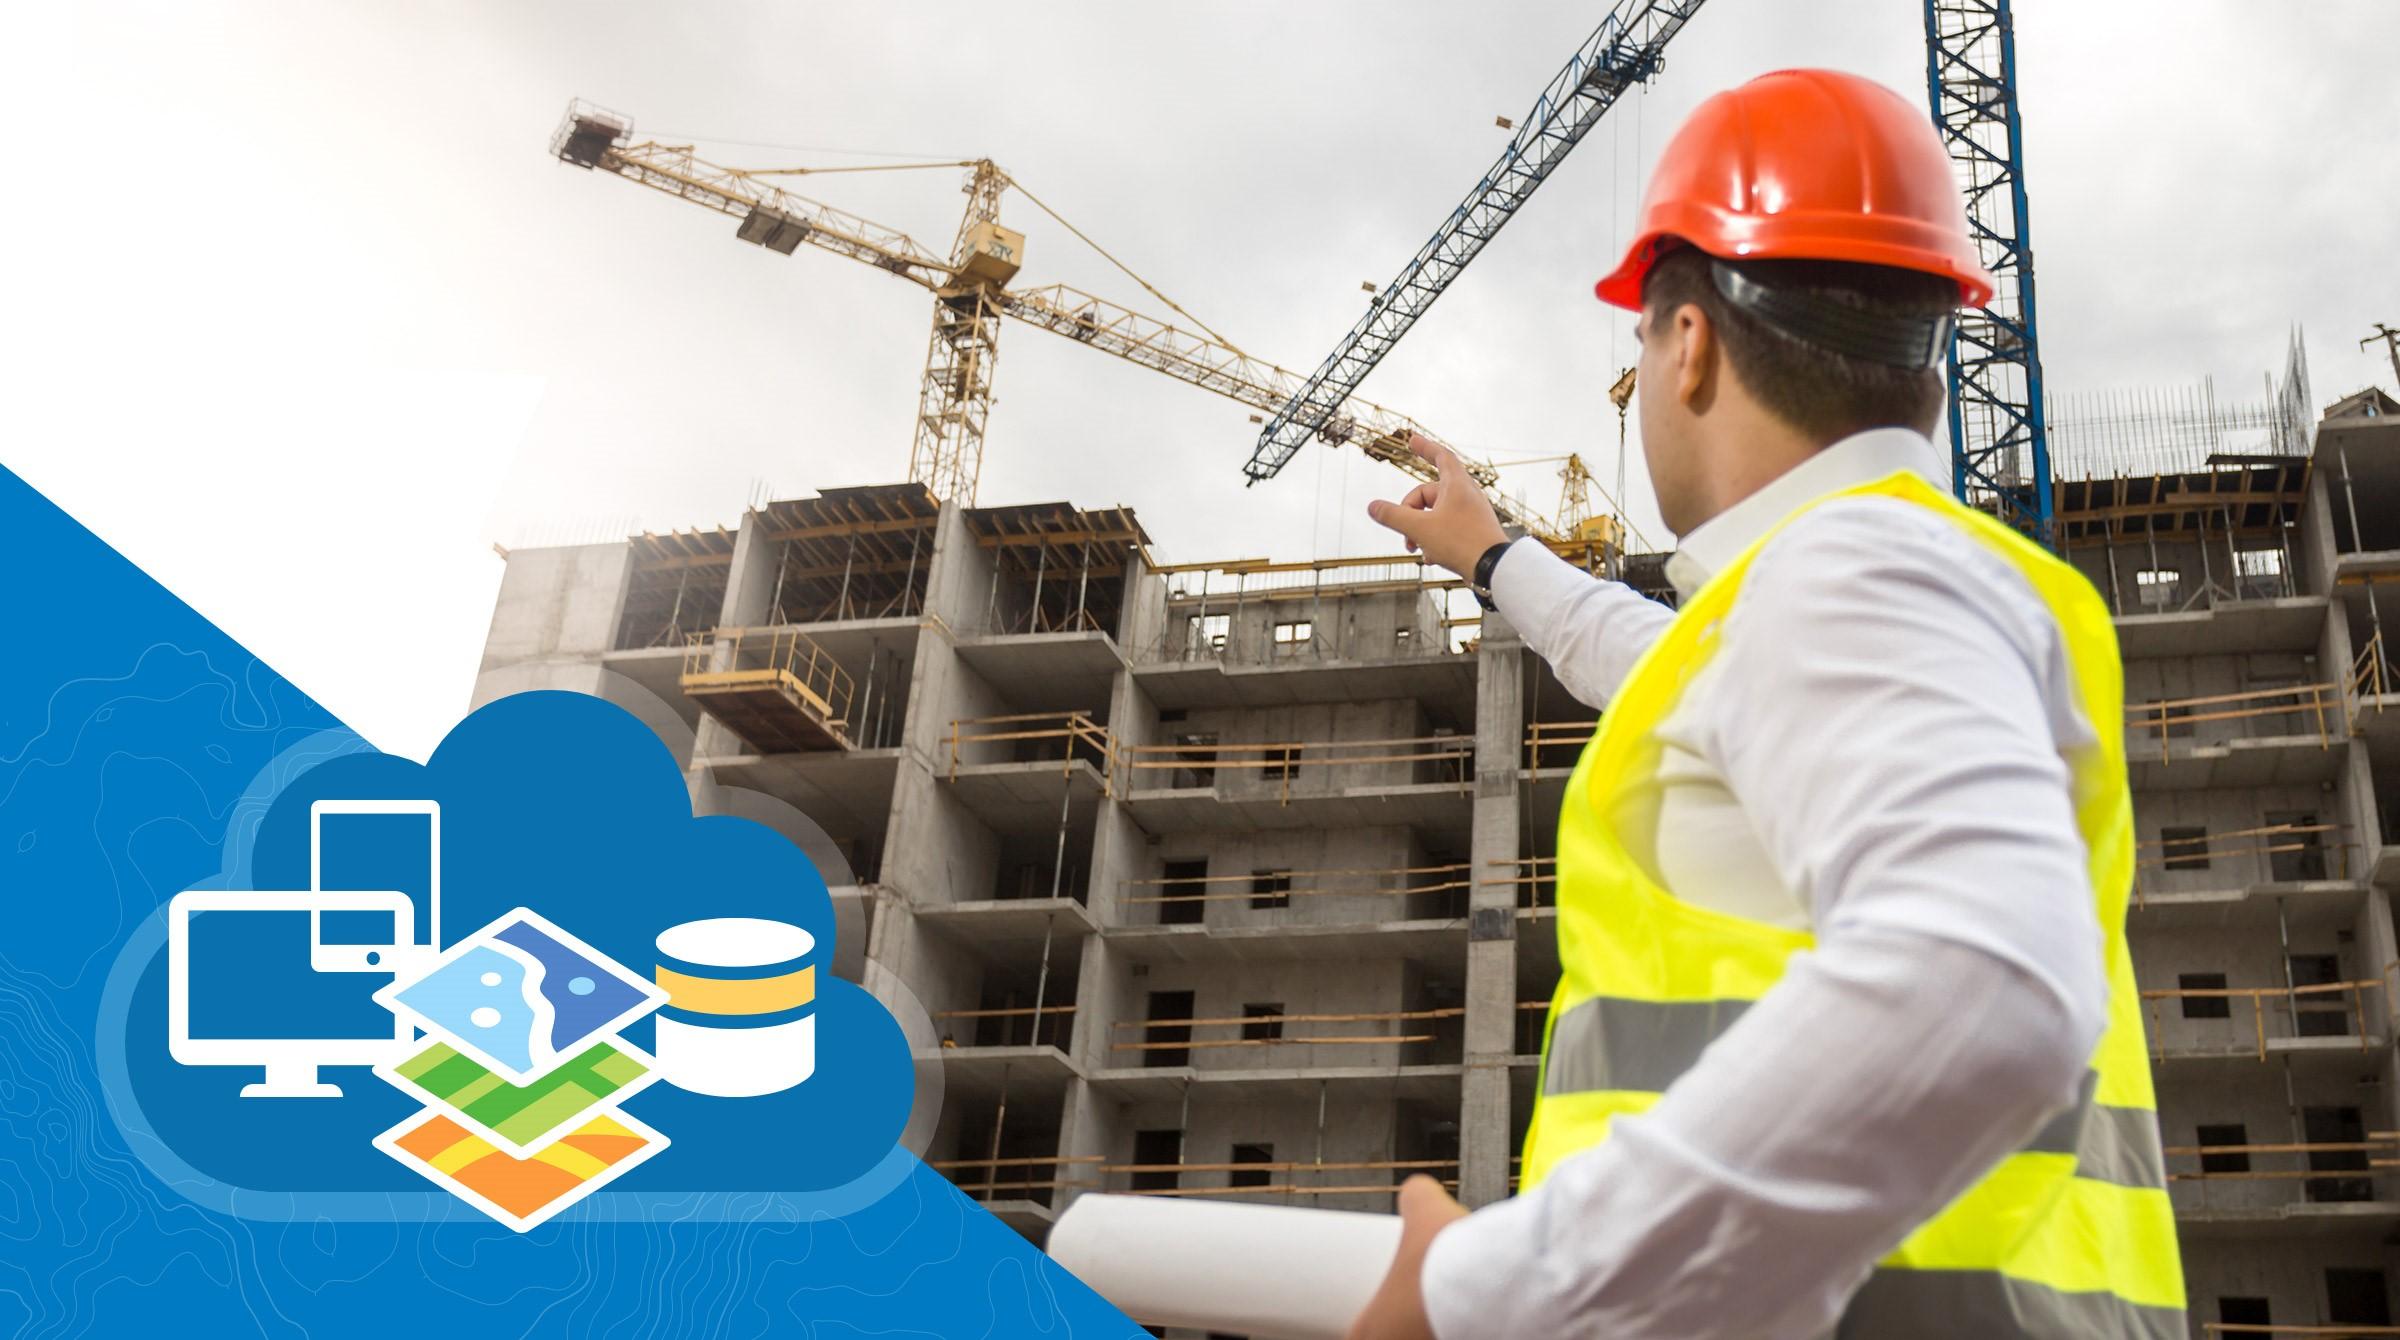 Portal i byggbranschen